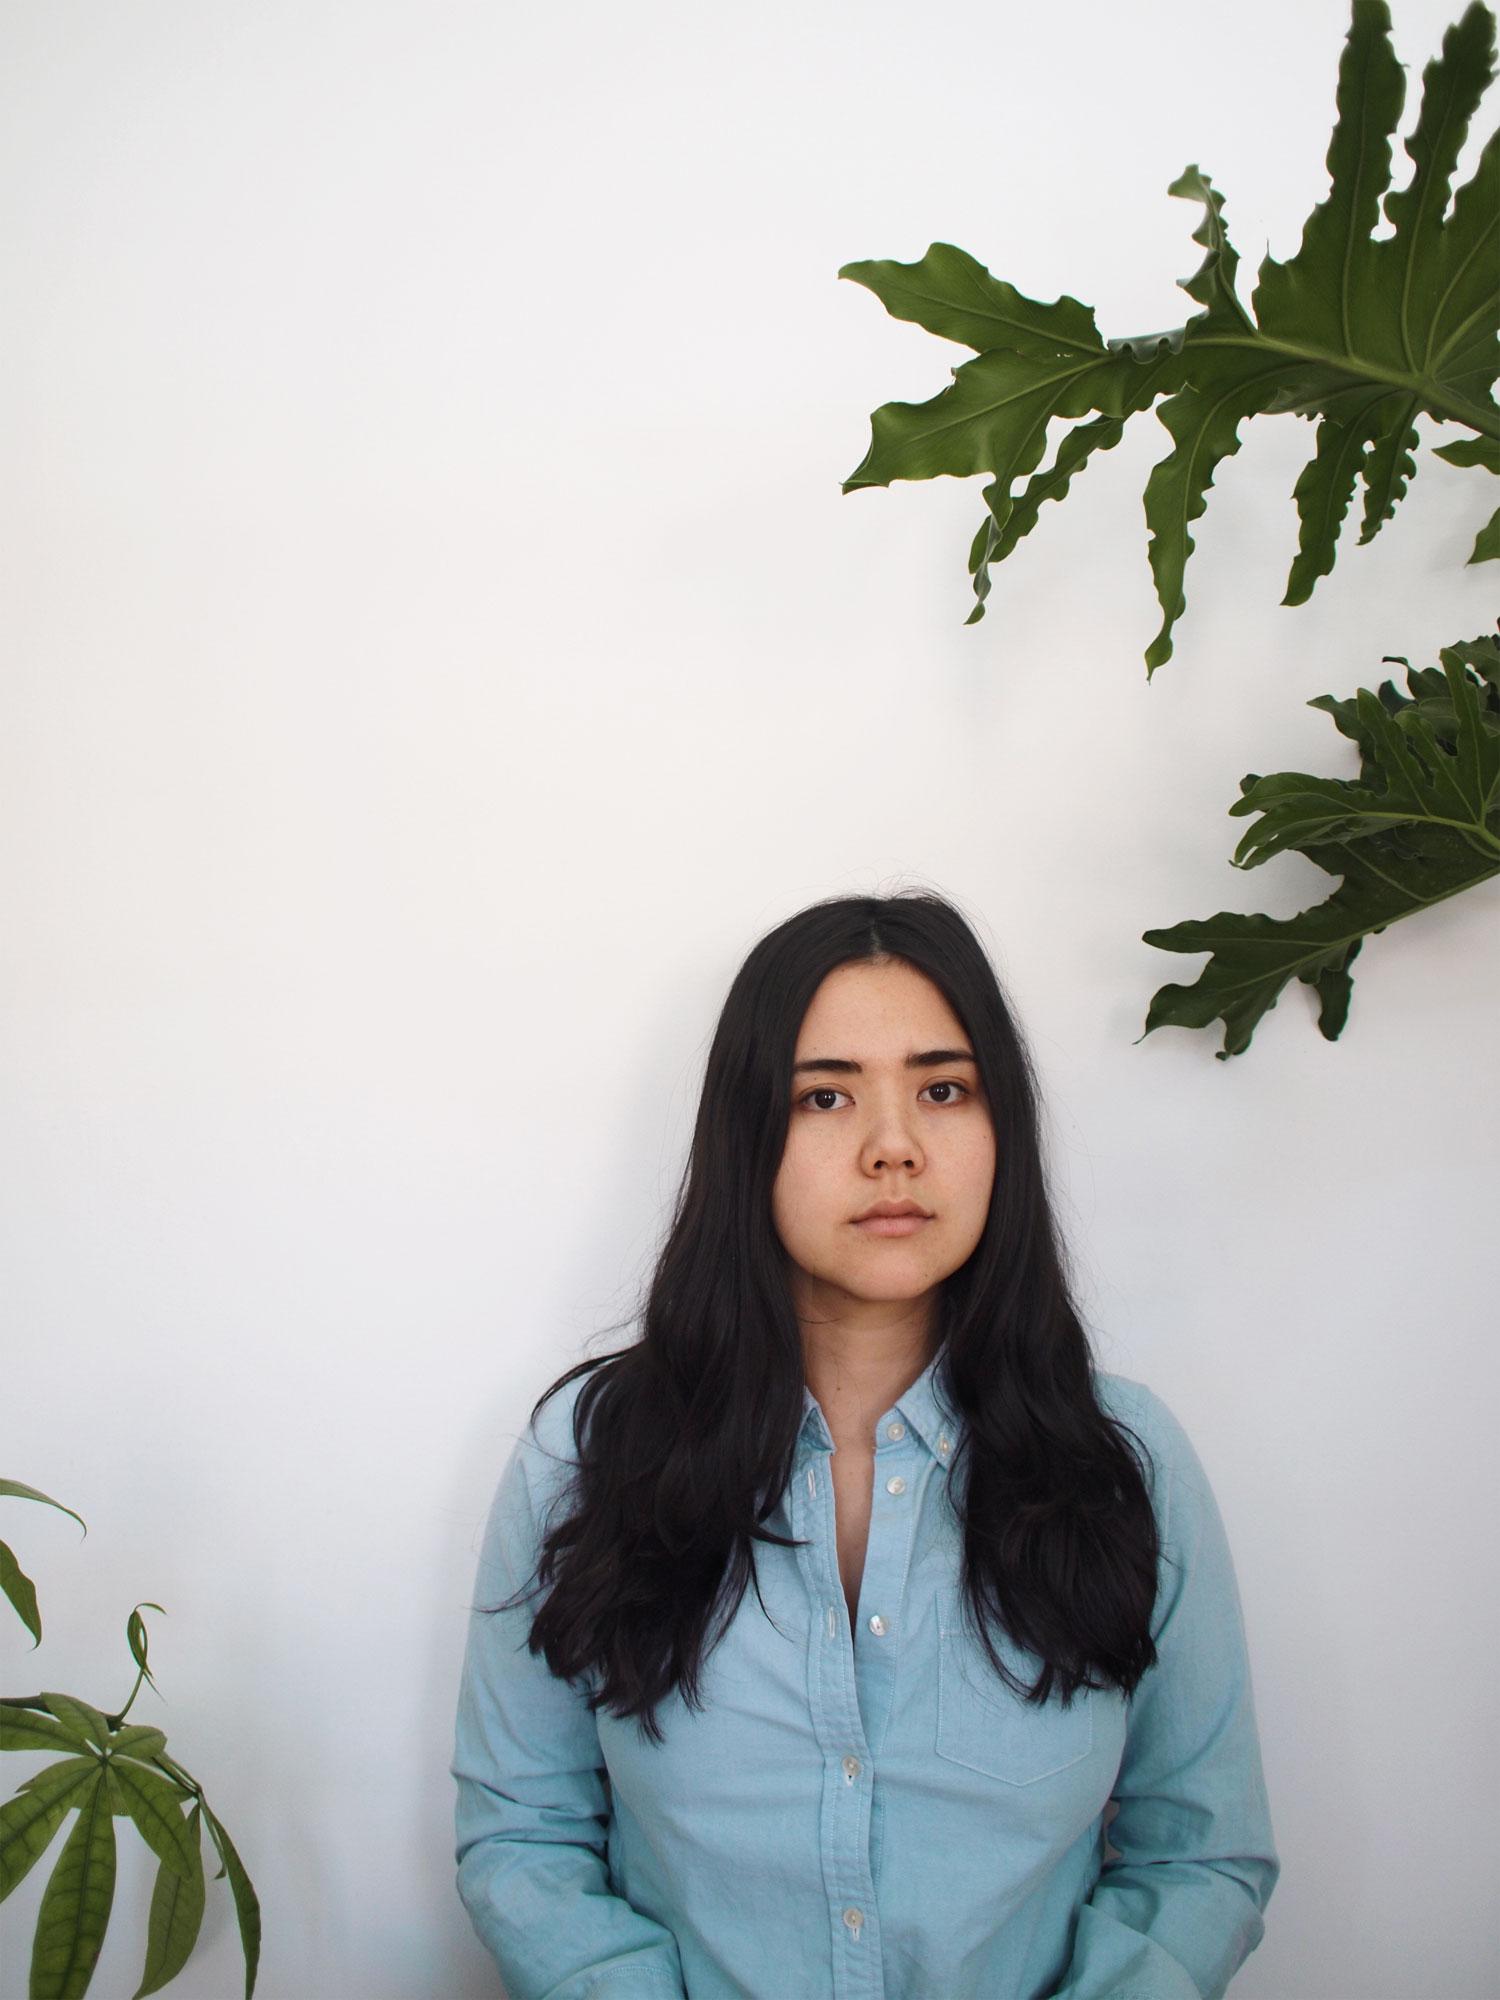 Luísa-Matsushita-lovefoxxx-css-entrevista